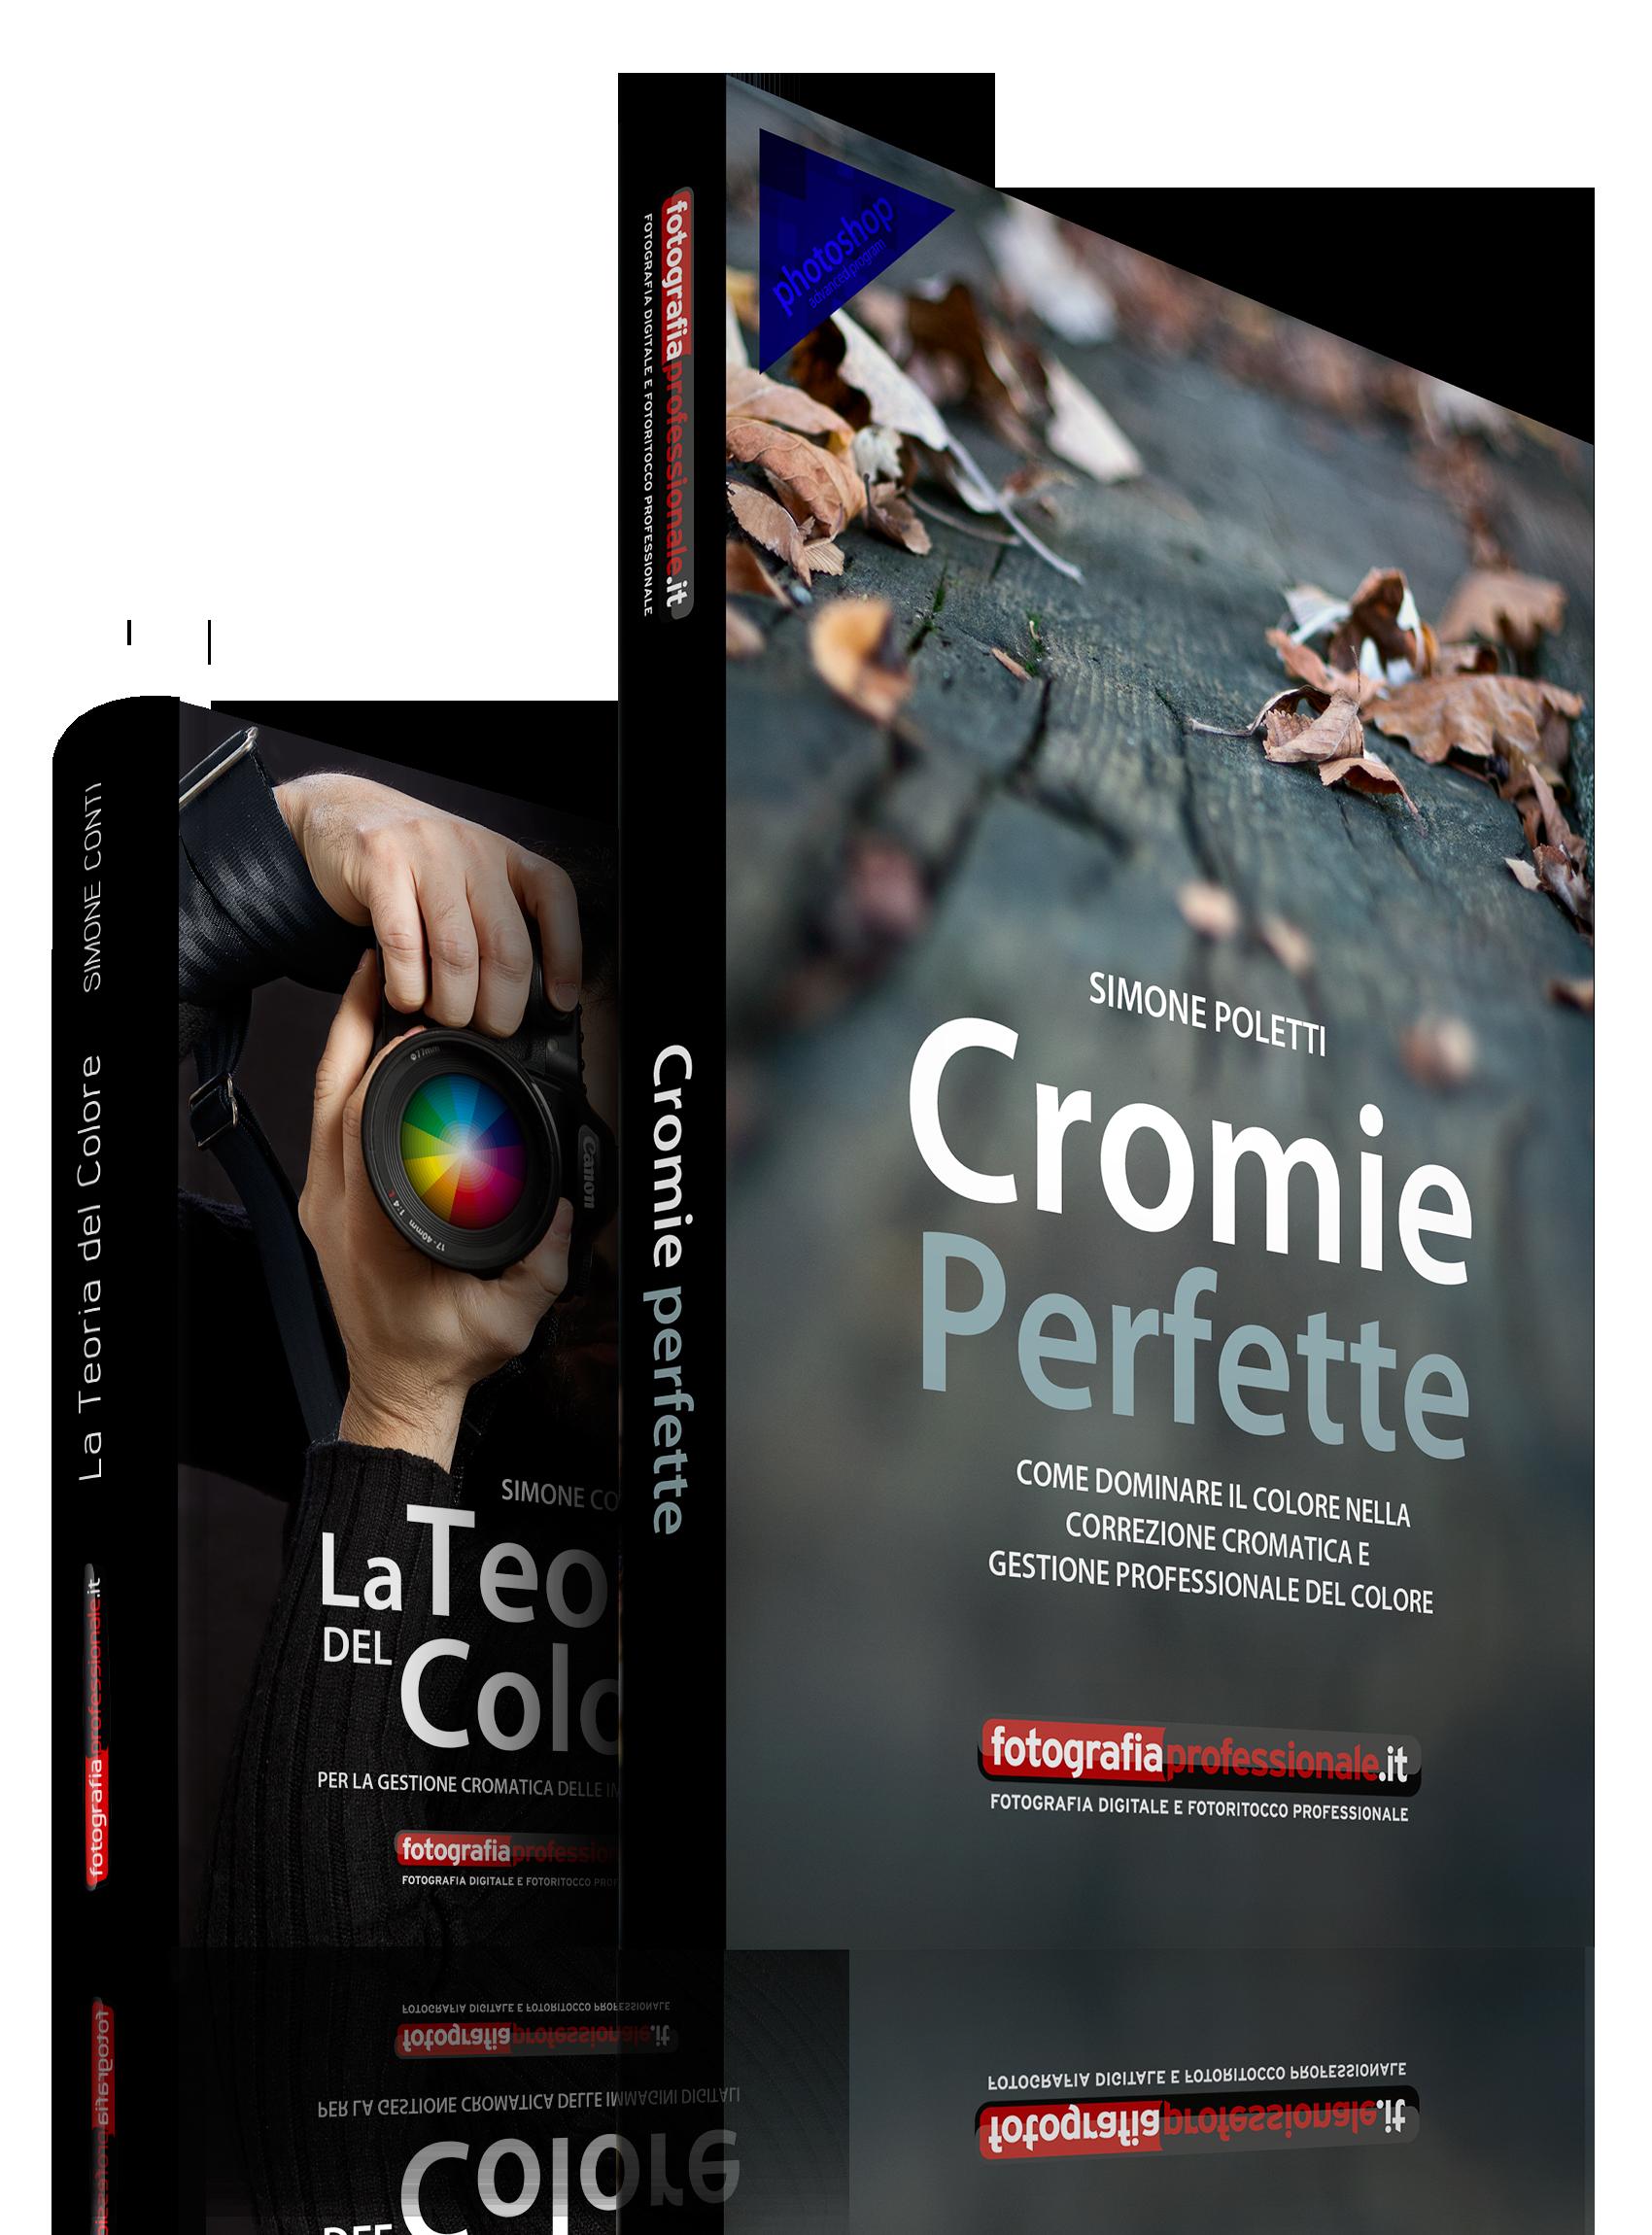 Cromie Perfette + eBook Teoria del Colore